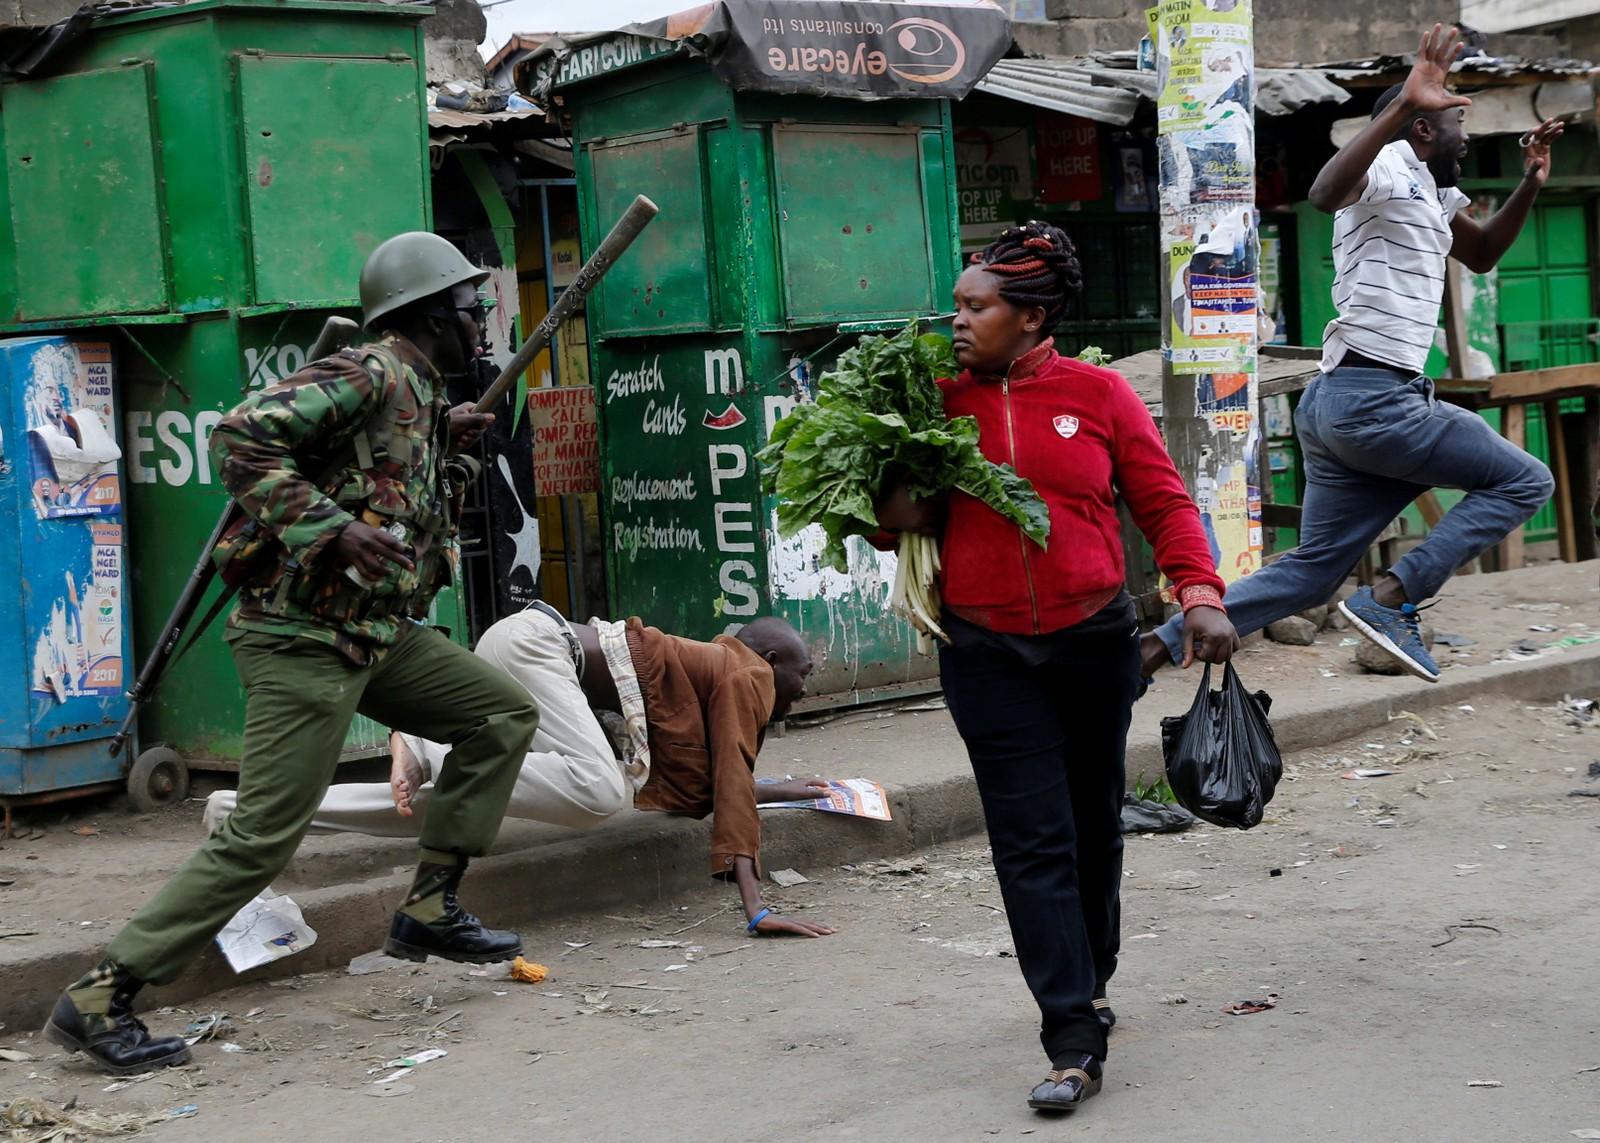 En kvinne er på vei hjem med grønnsakene hun har kjøpt mens opprørspoliti forsøker å spre demonstranter i Mathare i Nairobi i Kenya. Minst seks personer er drept i opptøyer etter beskyldninger om valgfusk i etterkant av valget tirsdag.